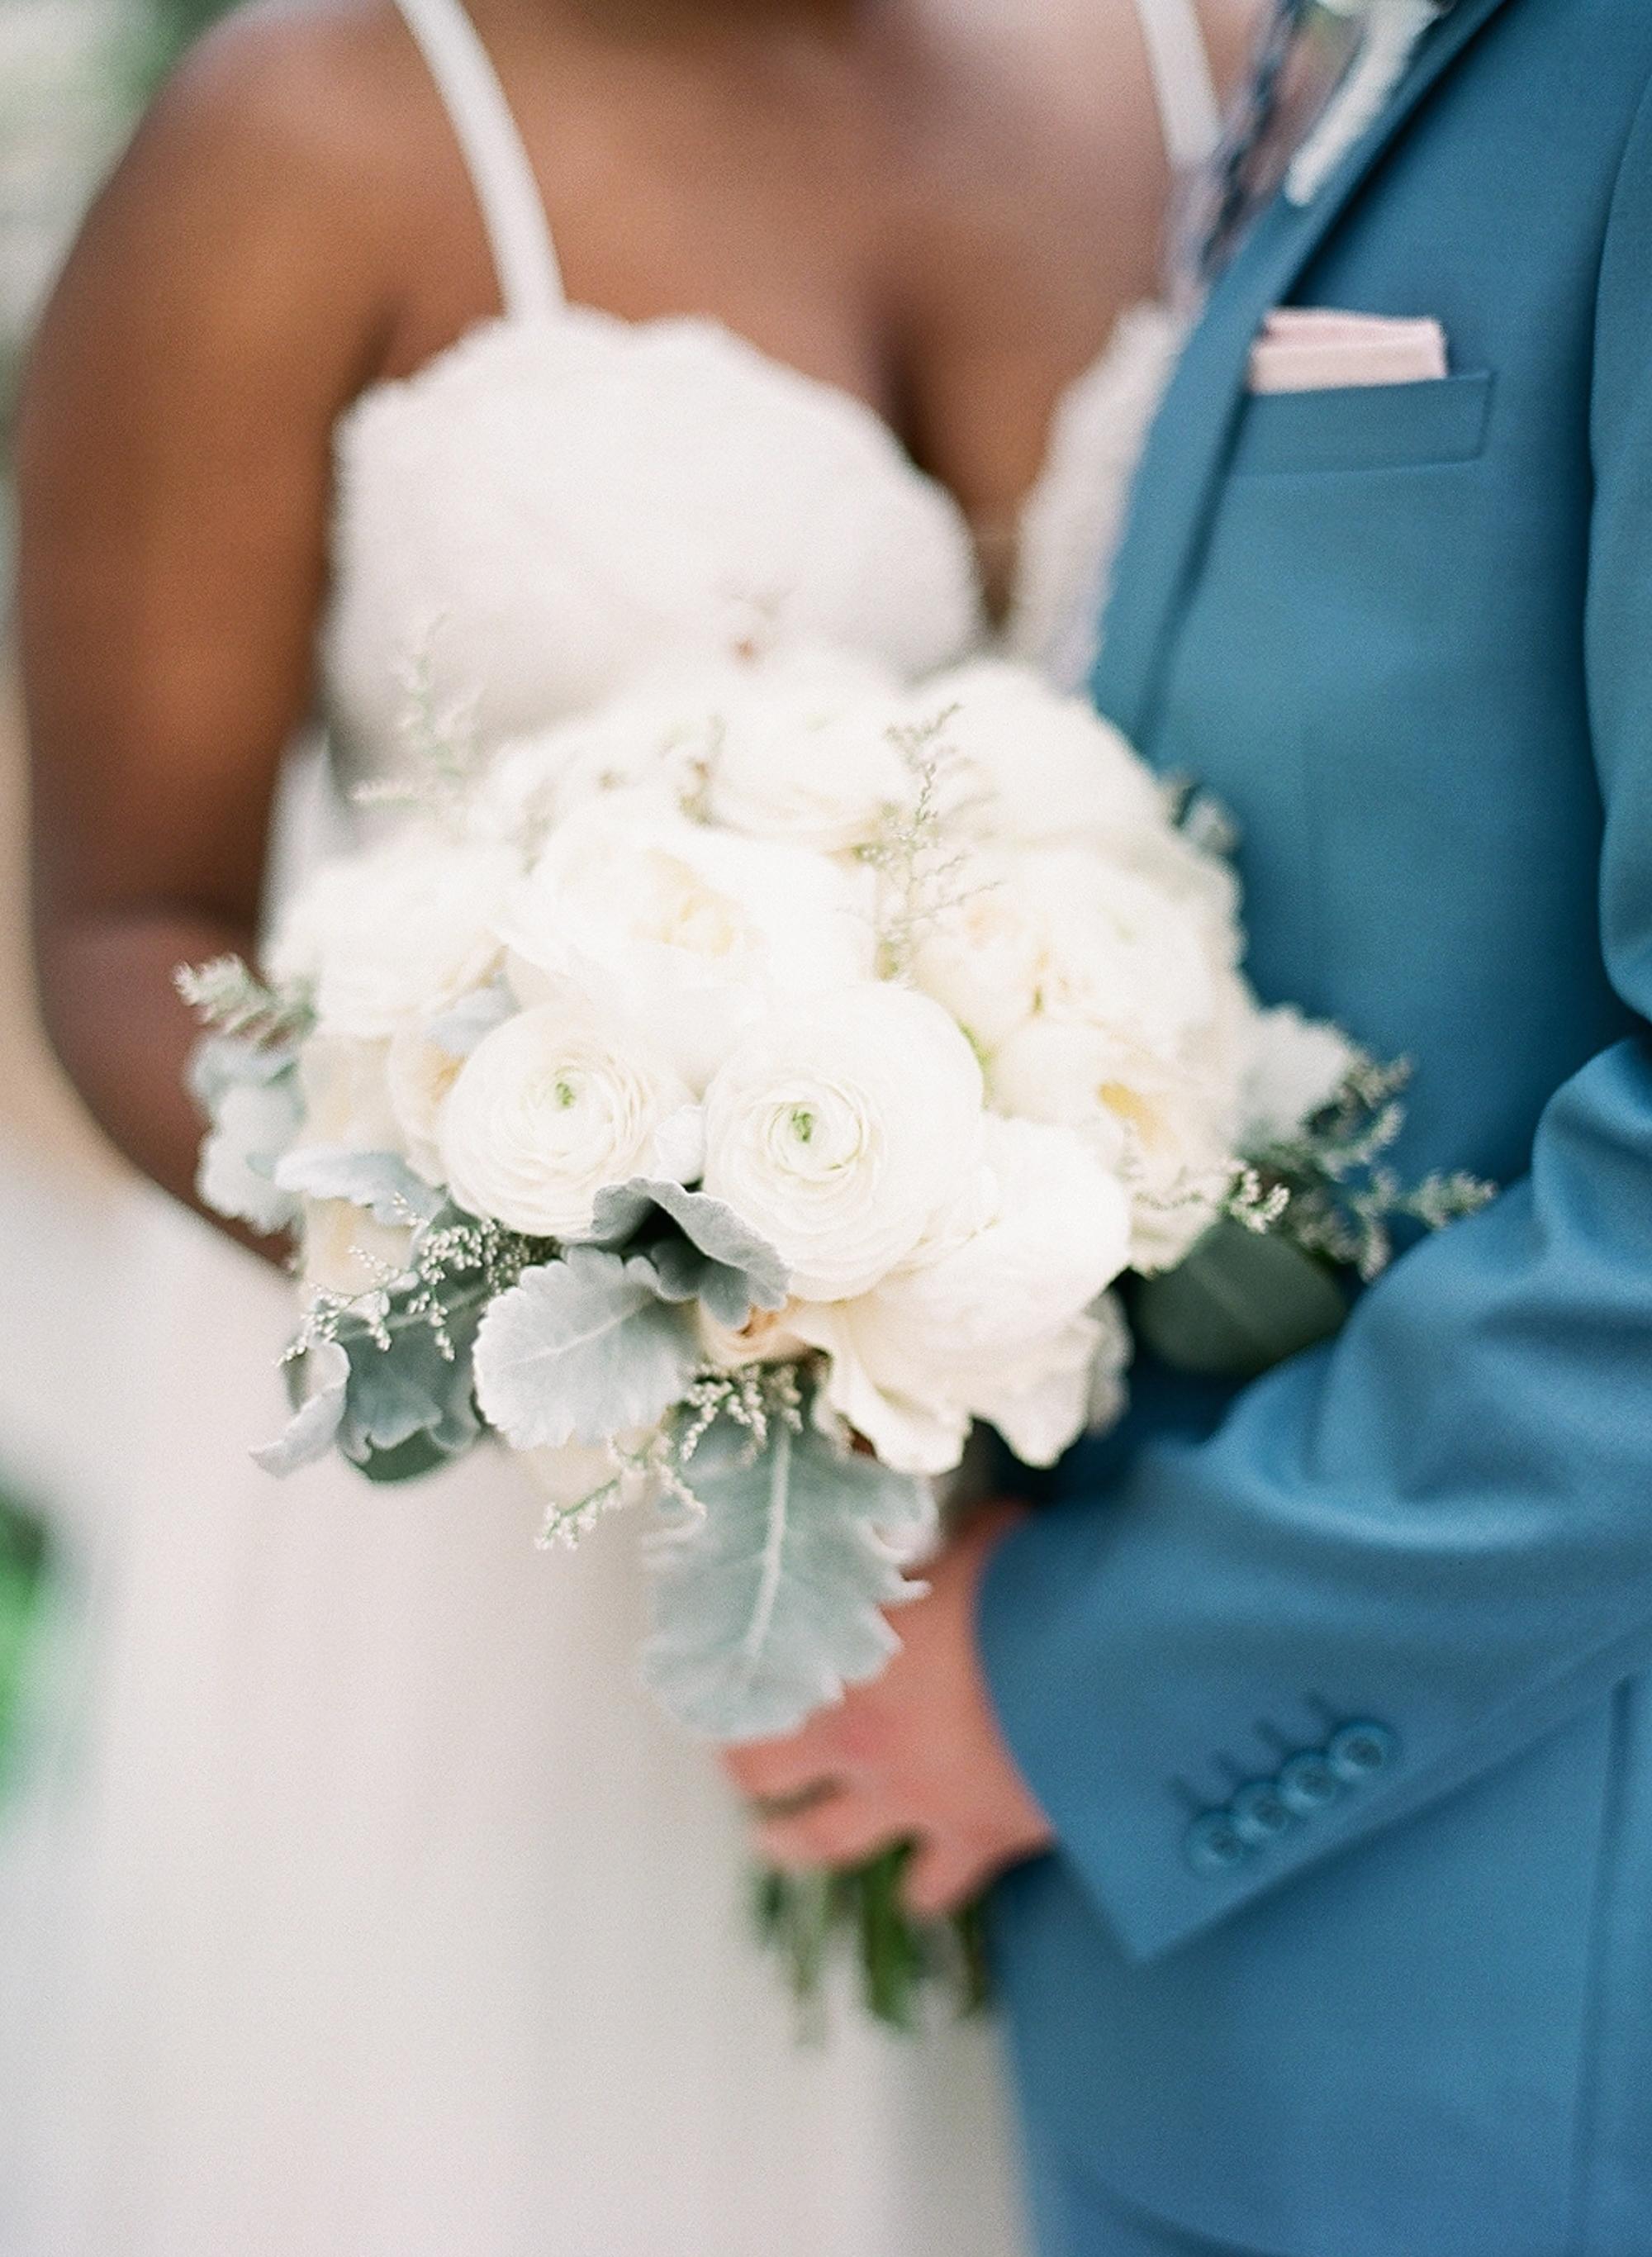 Bonphotage Chicago Fine Art Wedding Photography - Harold Washington Library